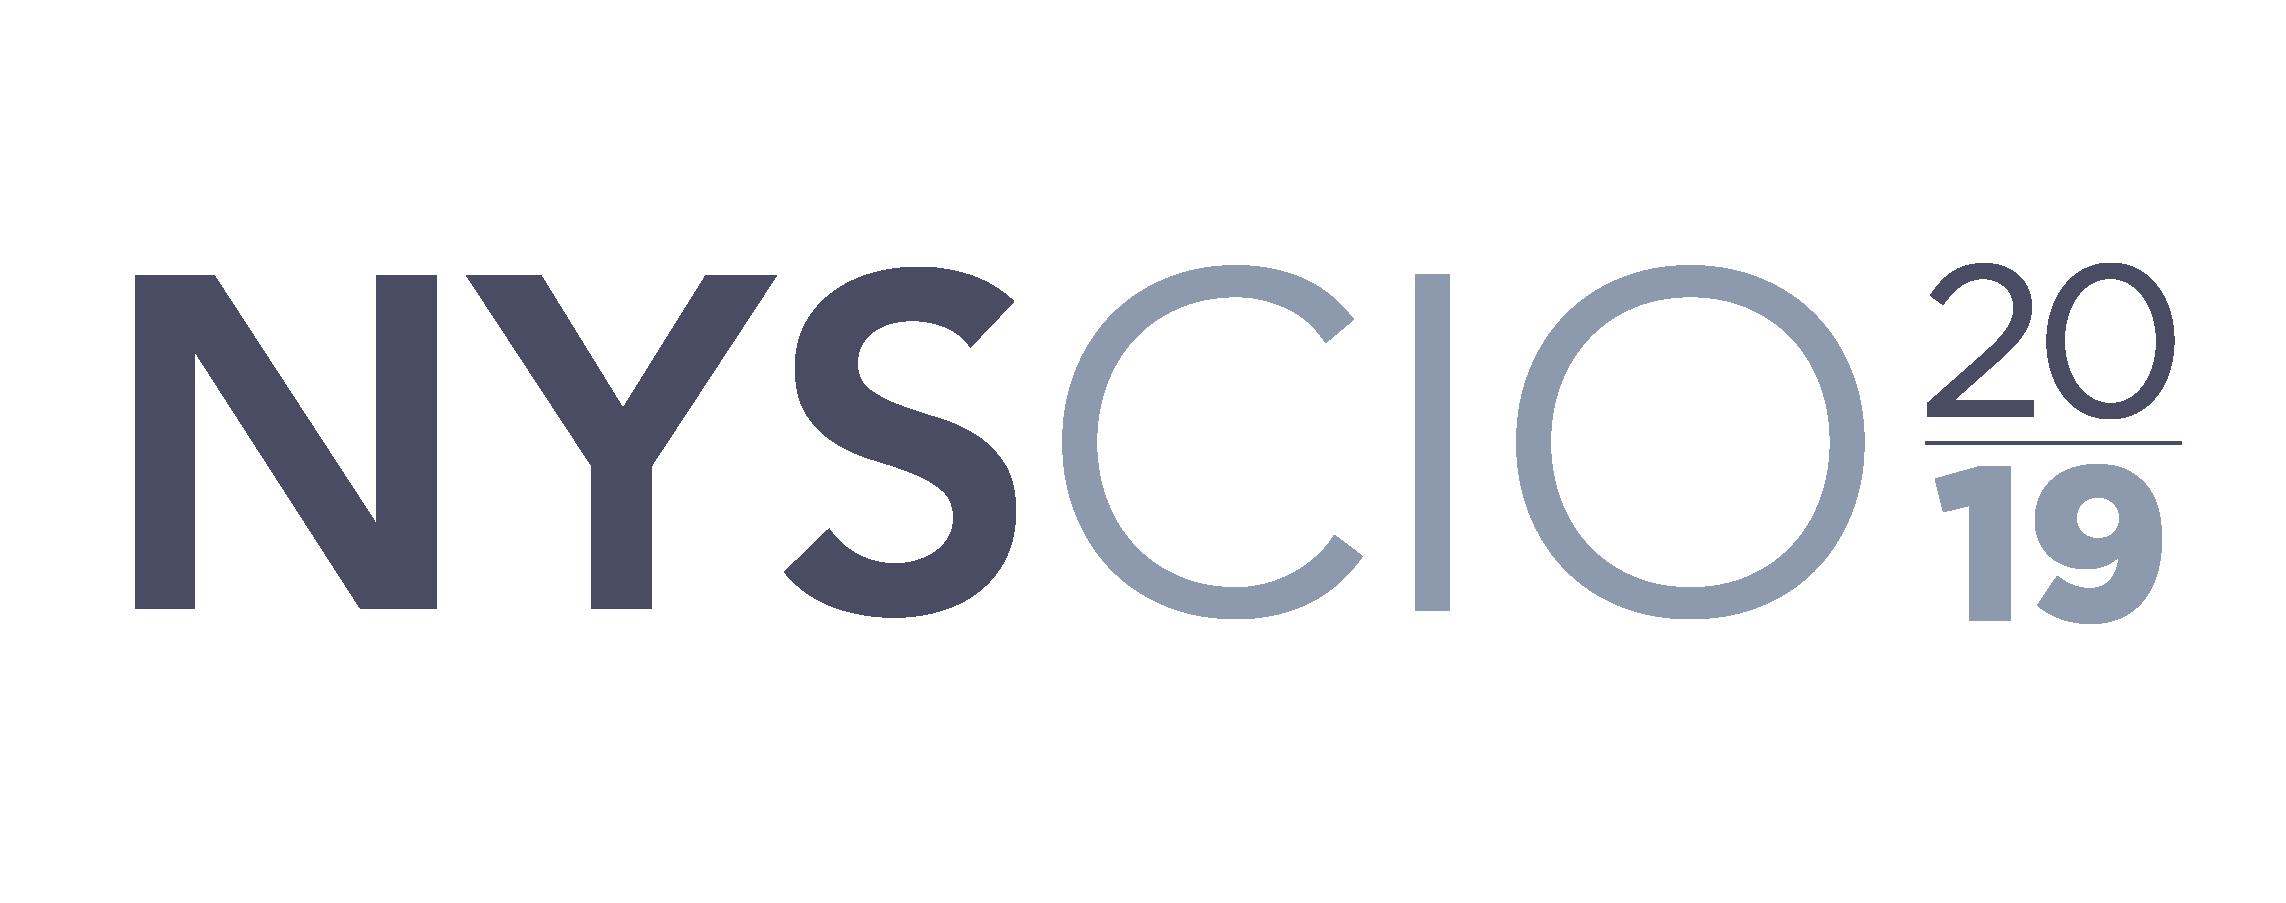 NYSCIO_2018_logo_purple&gray